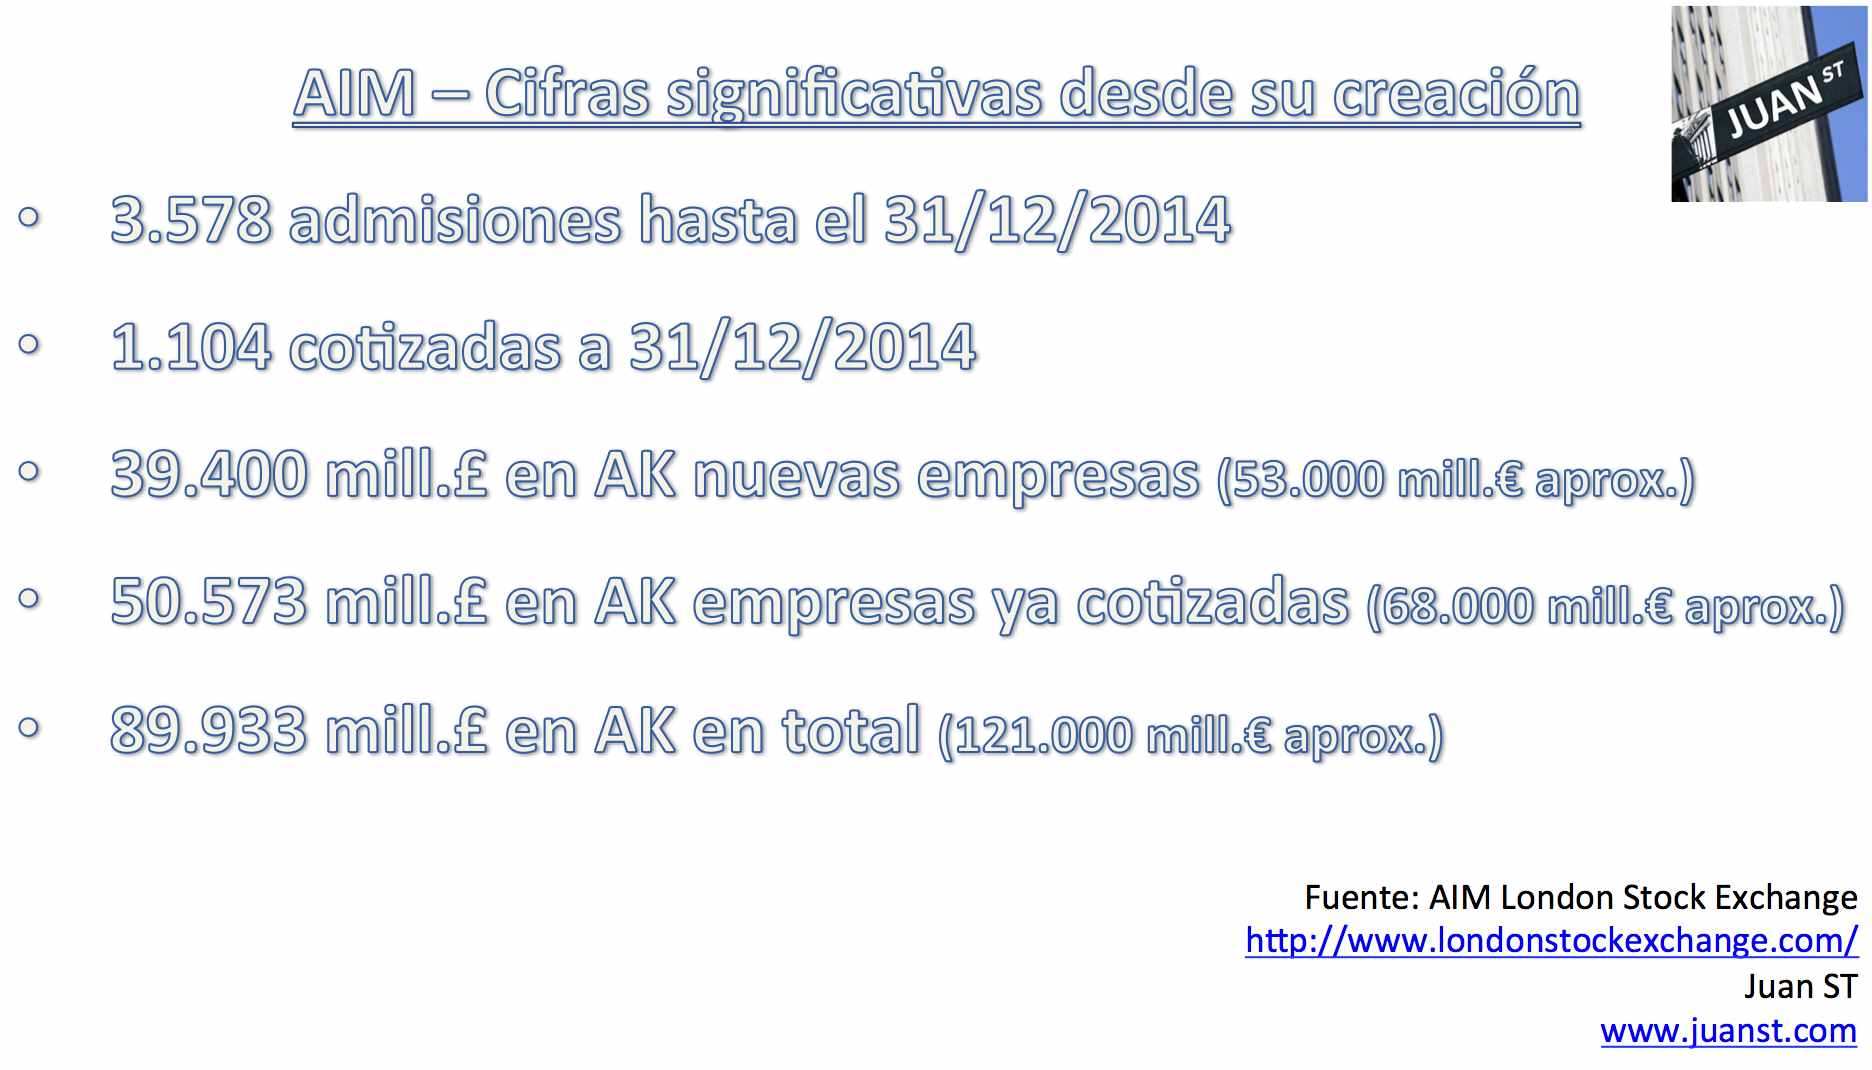 Cifras significativas del AIM 1995-2014